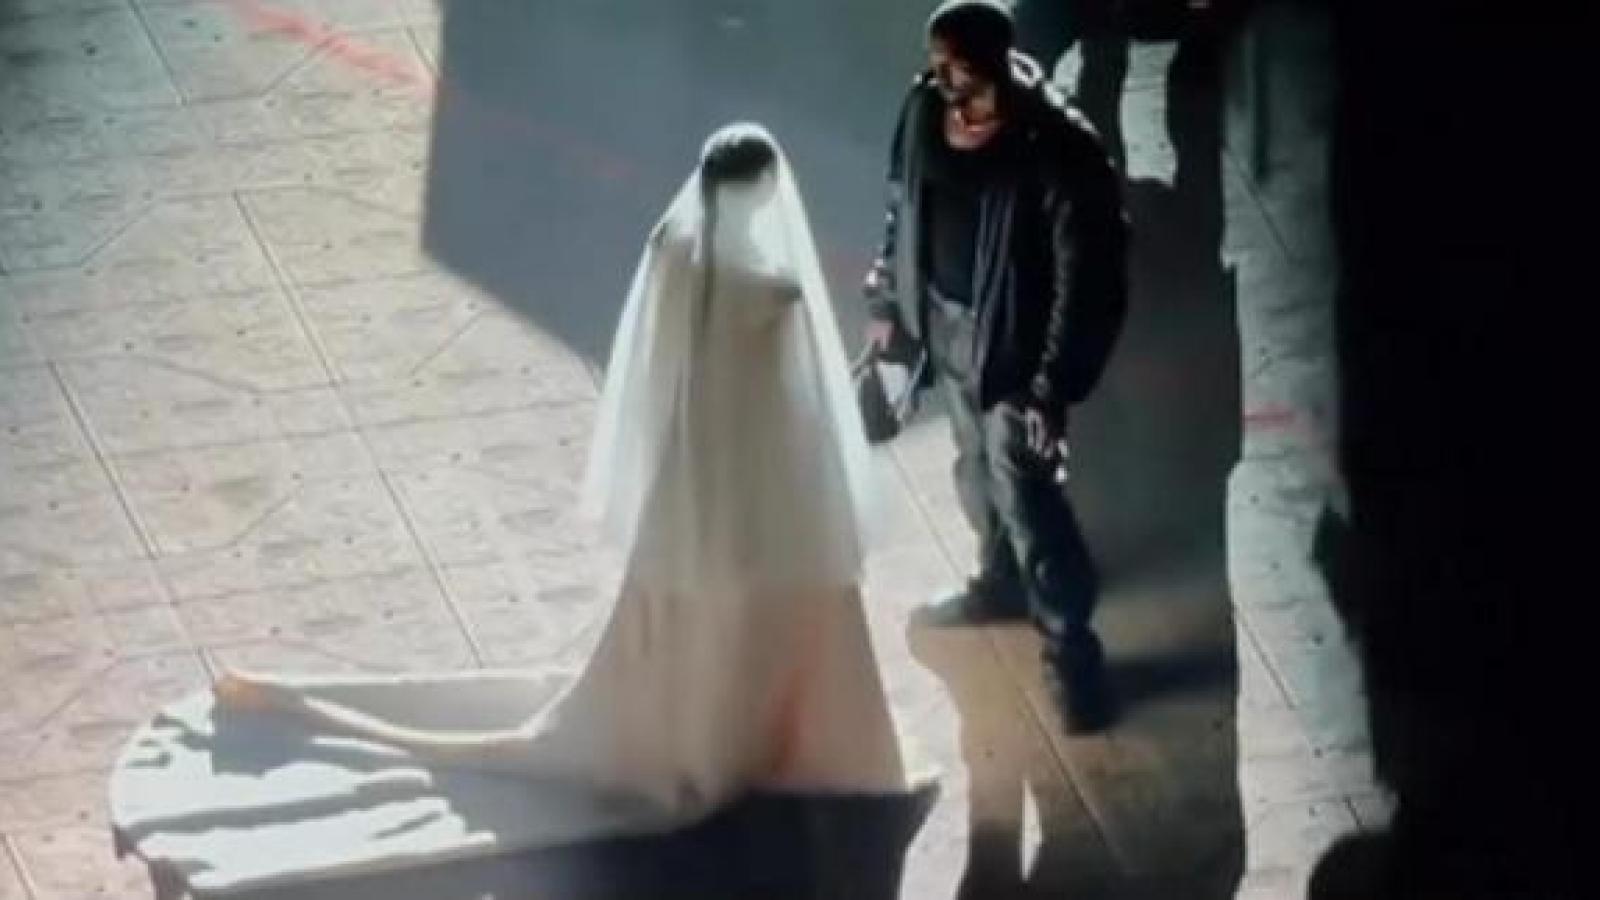 Kim Kardashian mặc váy cưới xuất hiện trong đêm nhạc của Kanye West